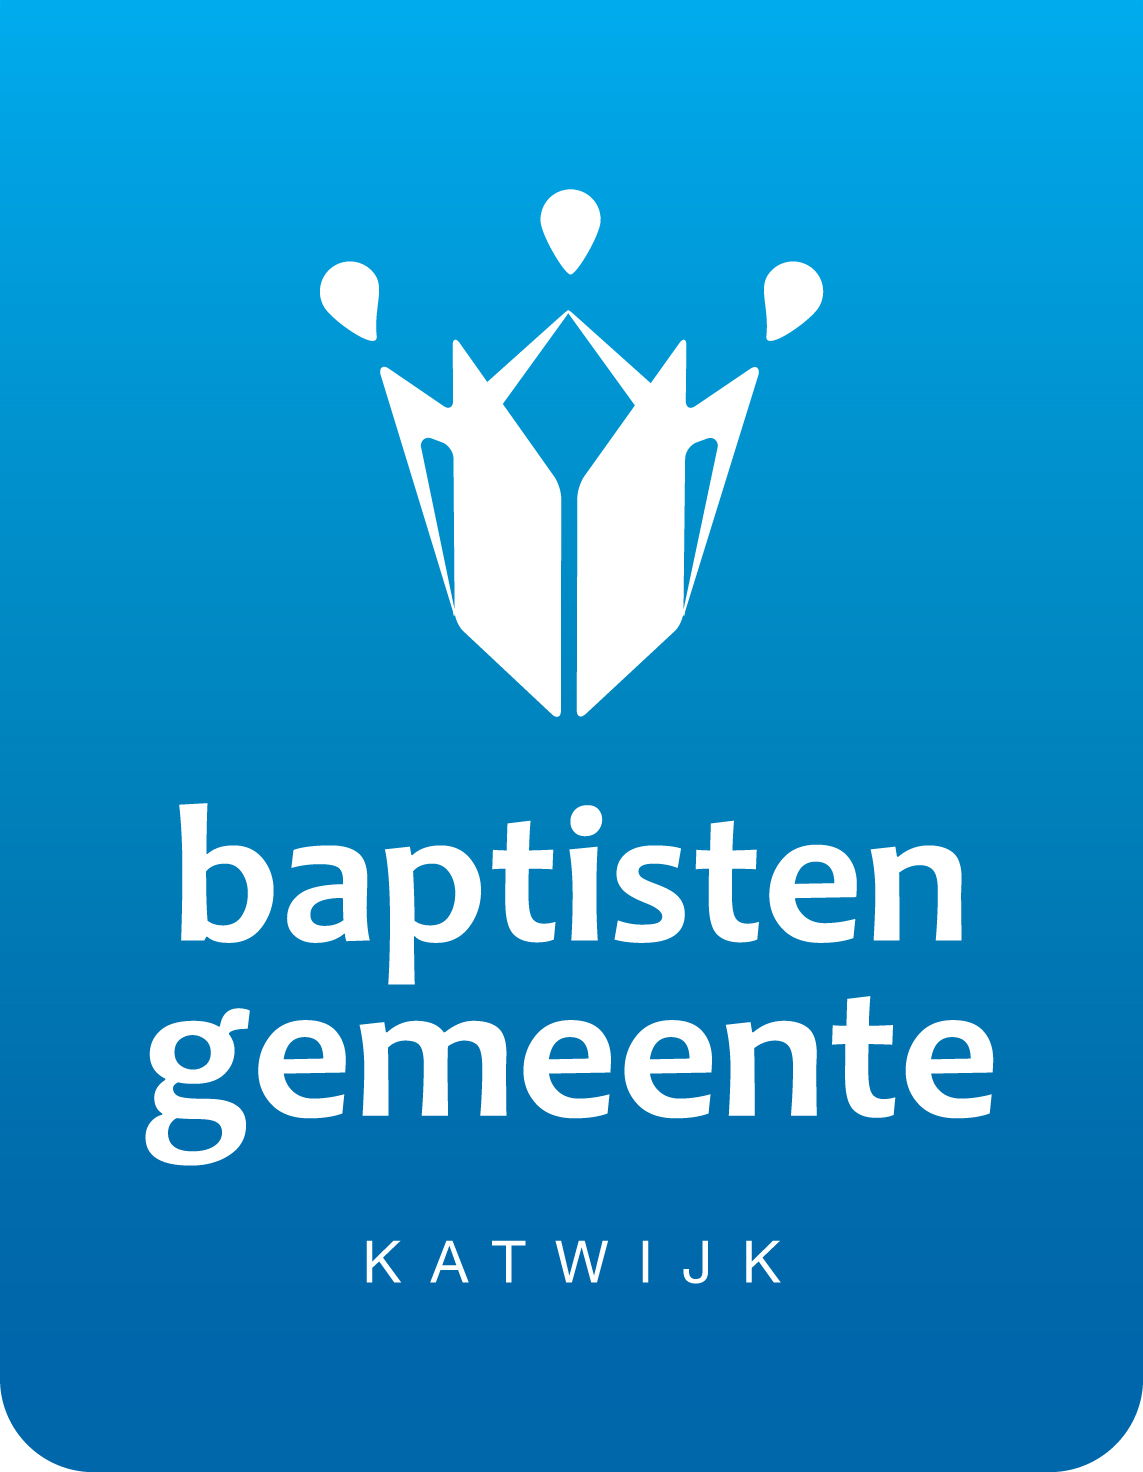 Baptistengemeente Katwijk